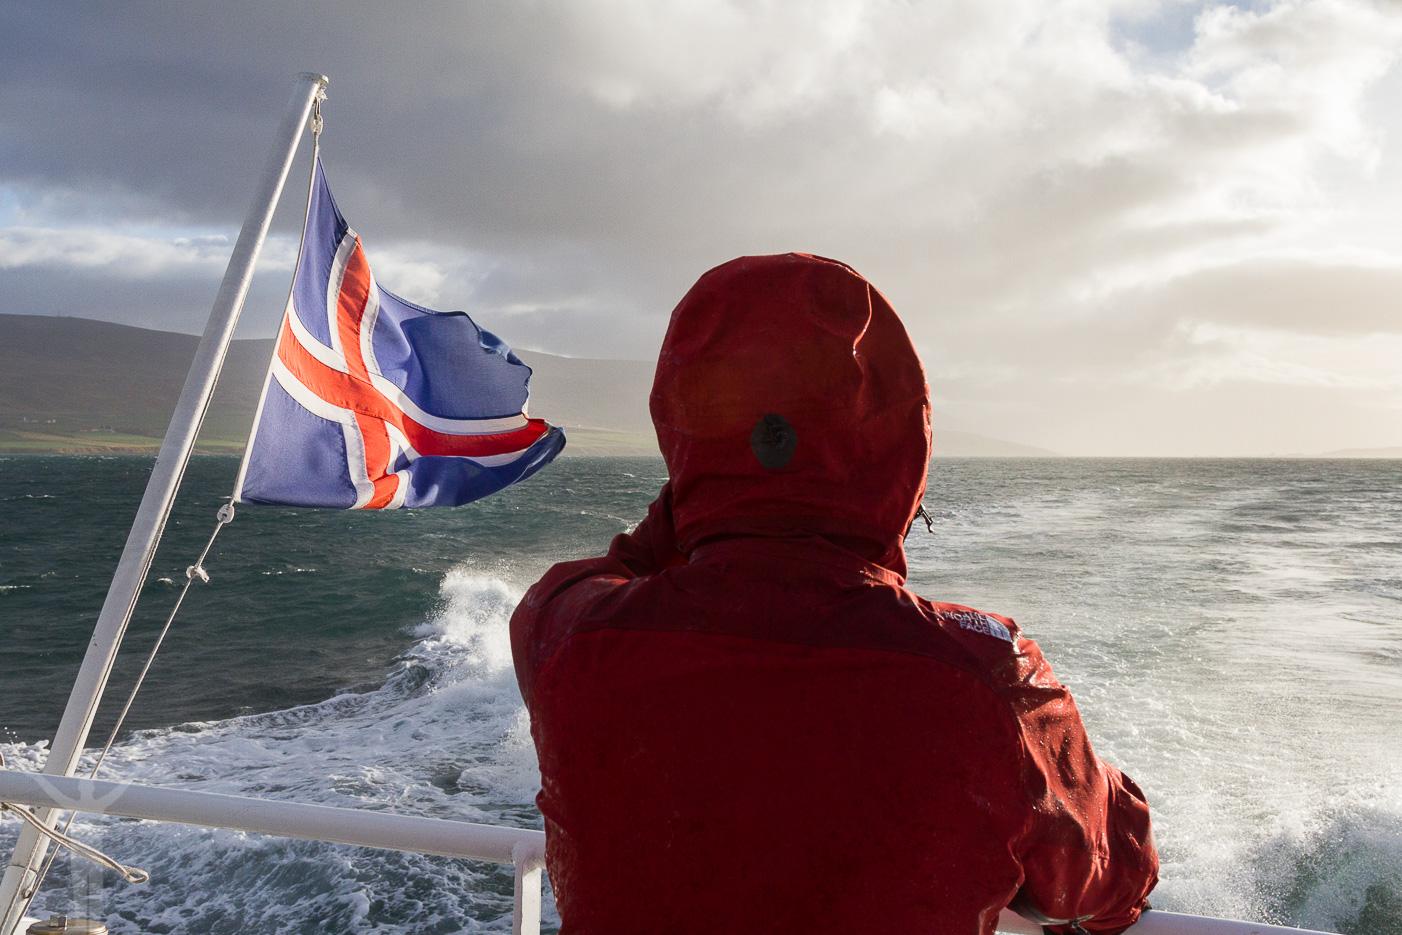 Blåsigt på båten